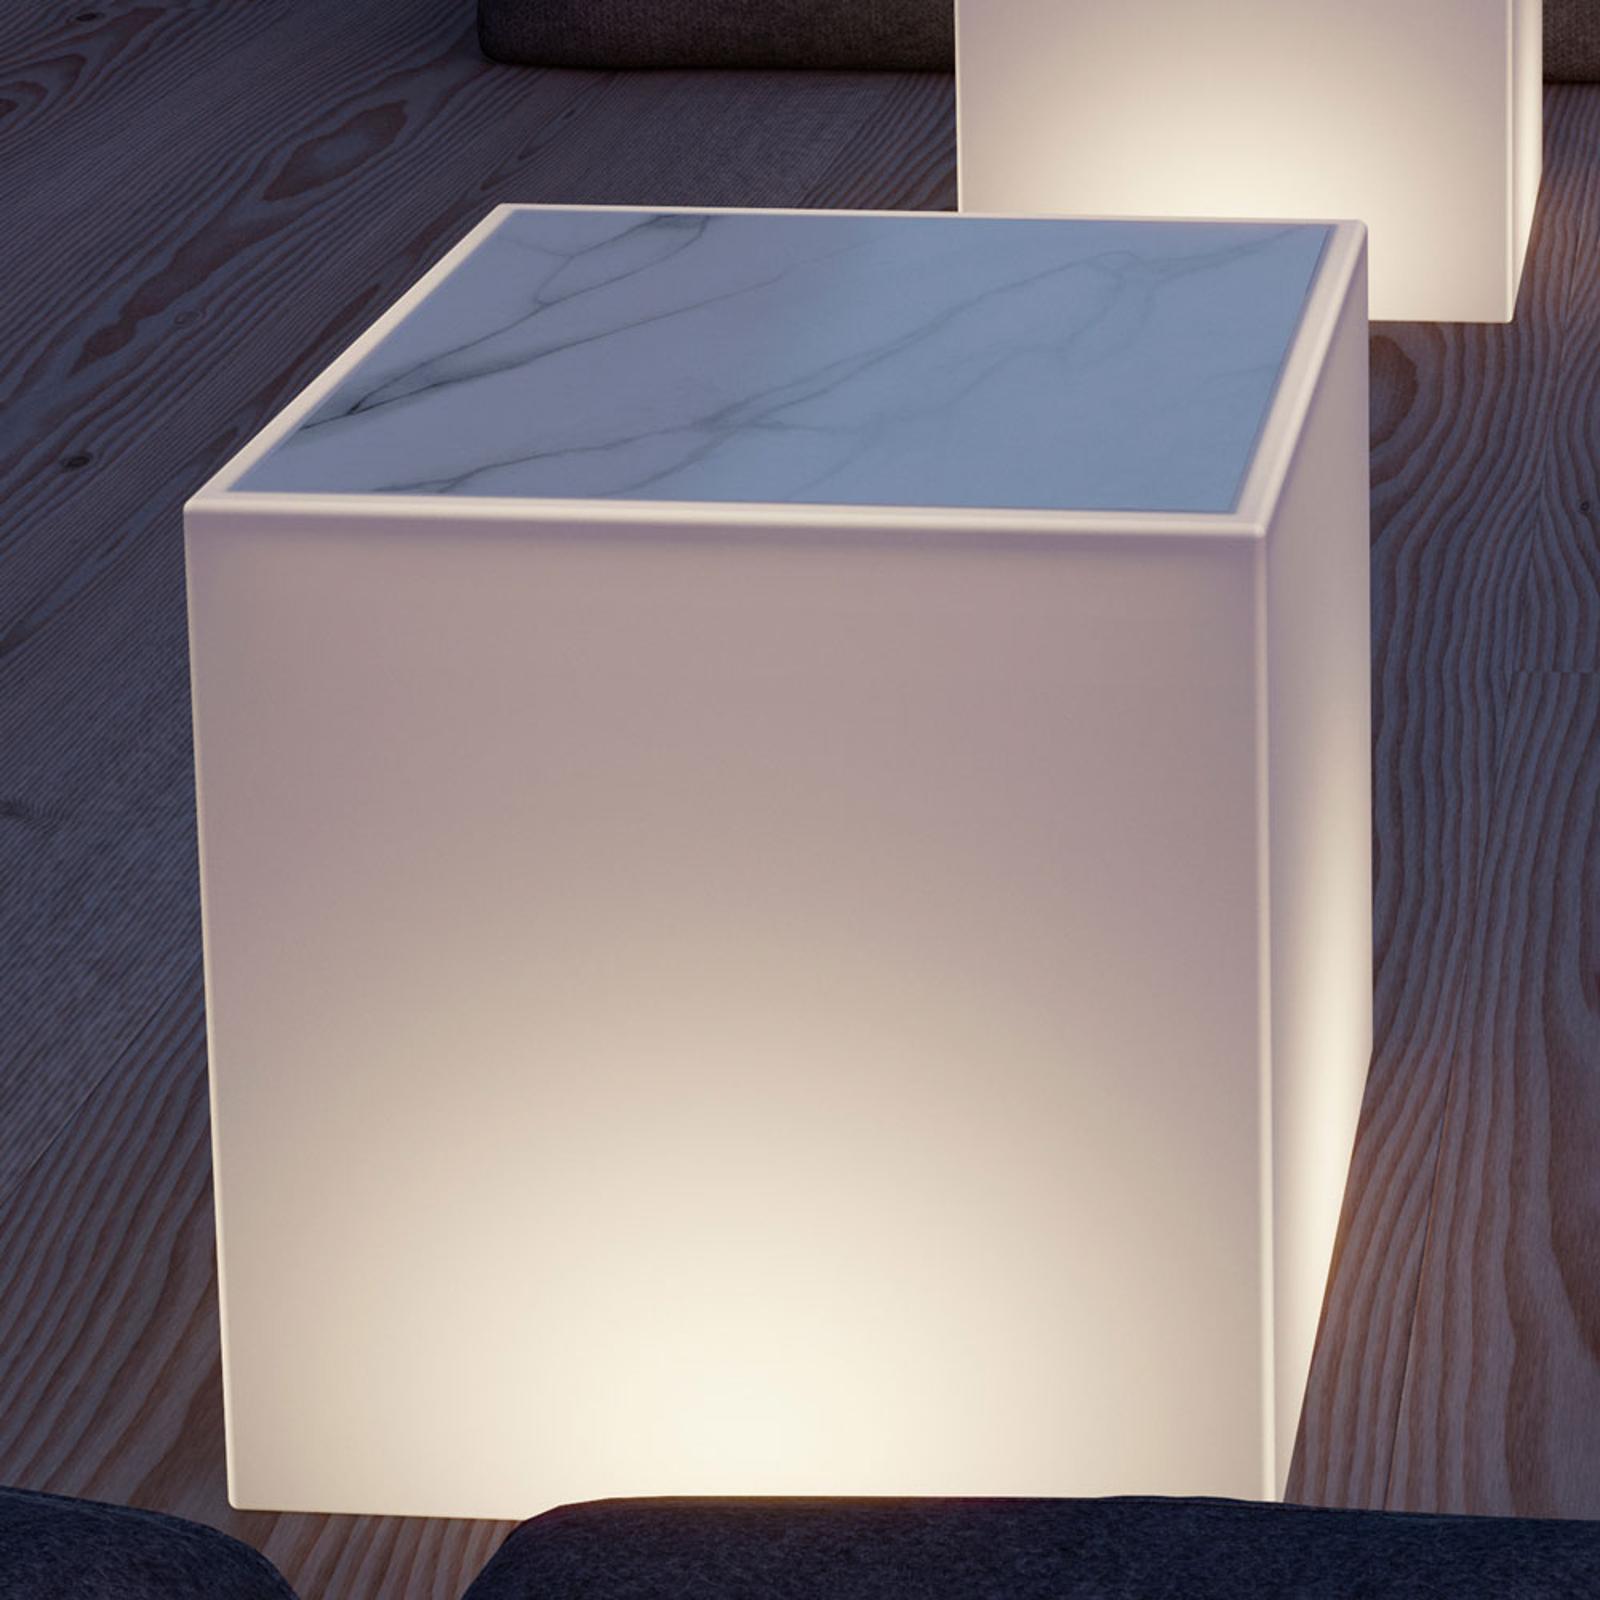 Newgarden Bora Leucht-Tisch mit Marmorplatte